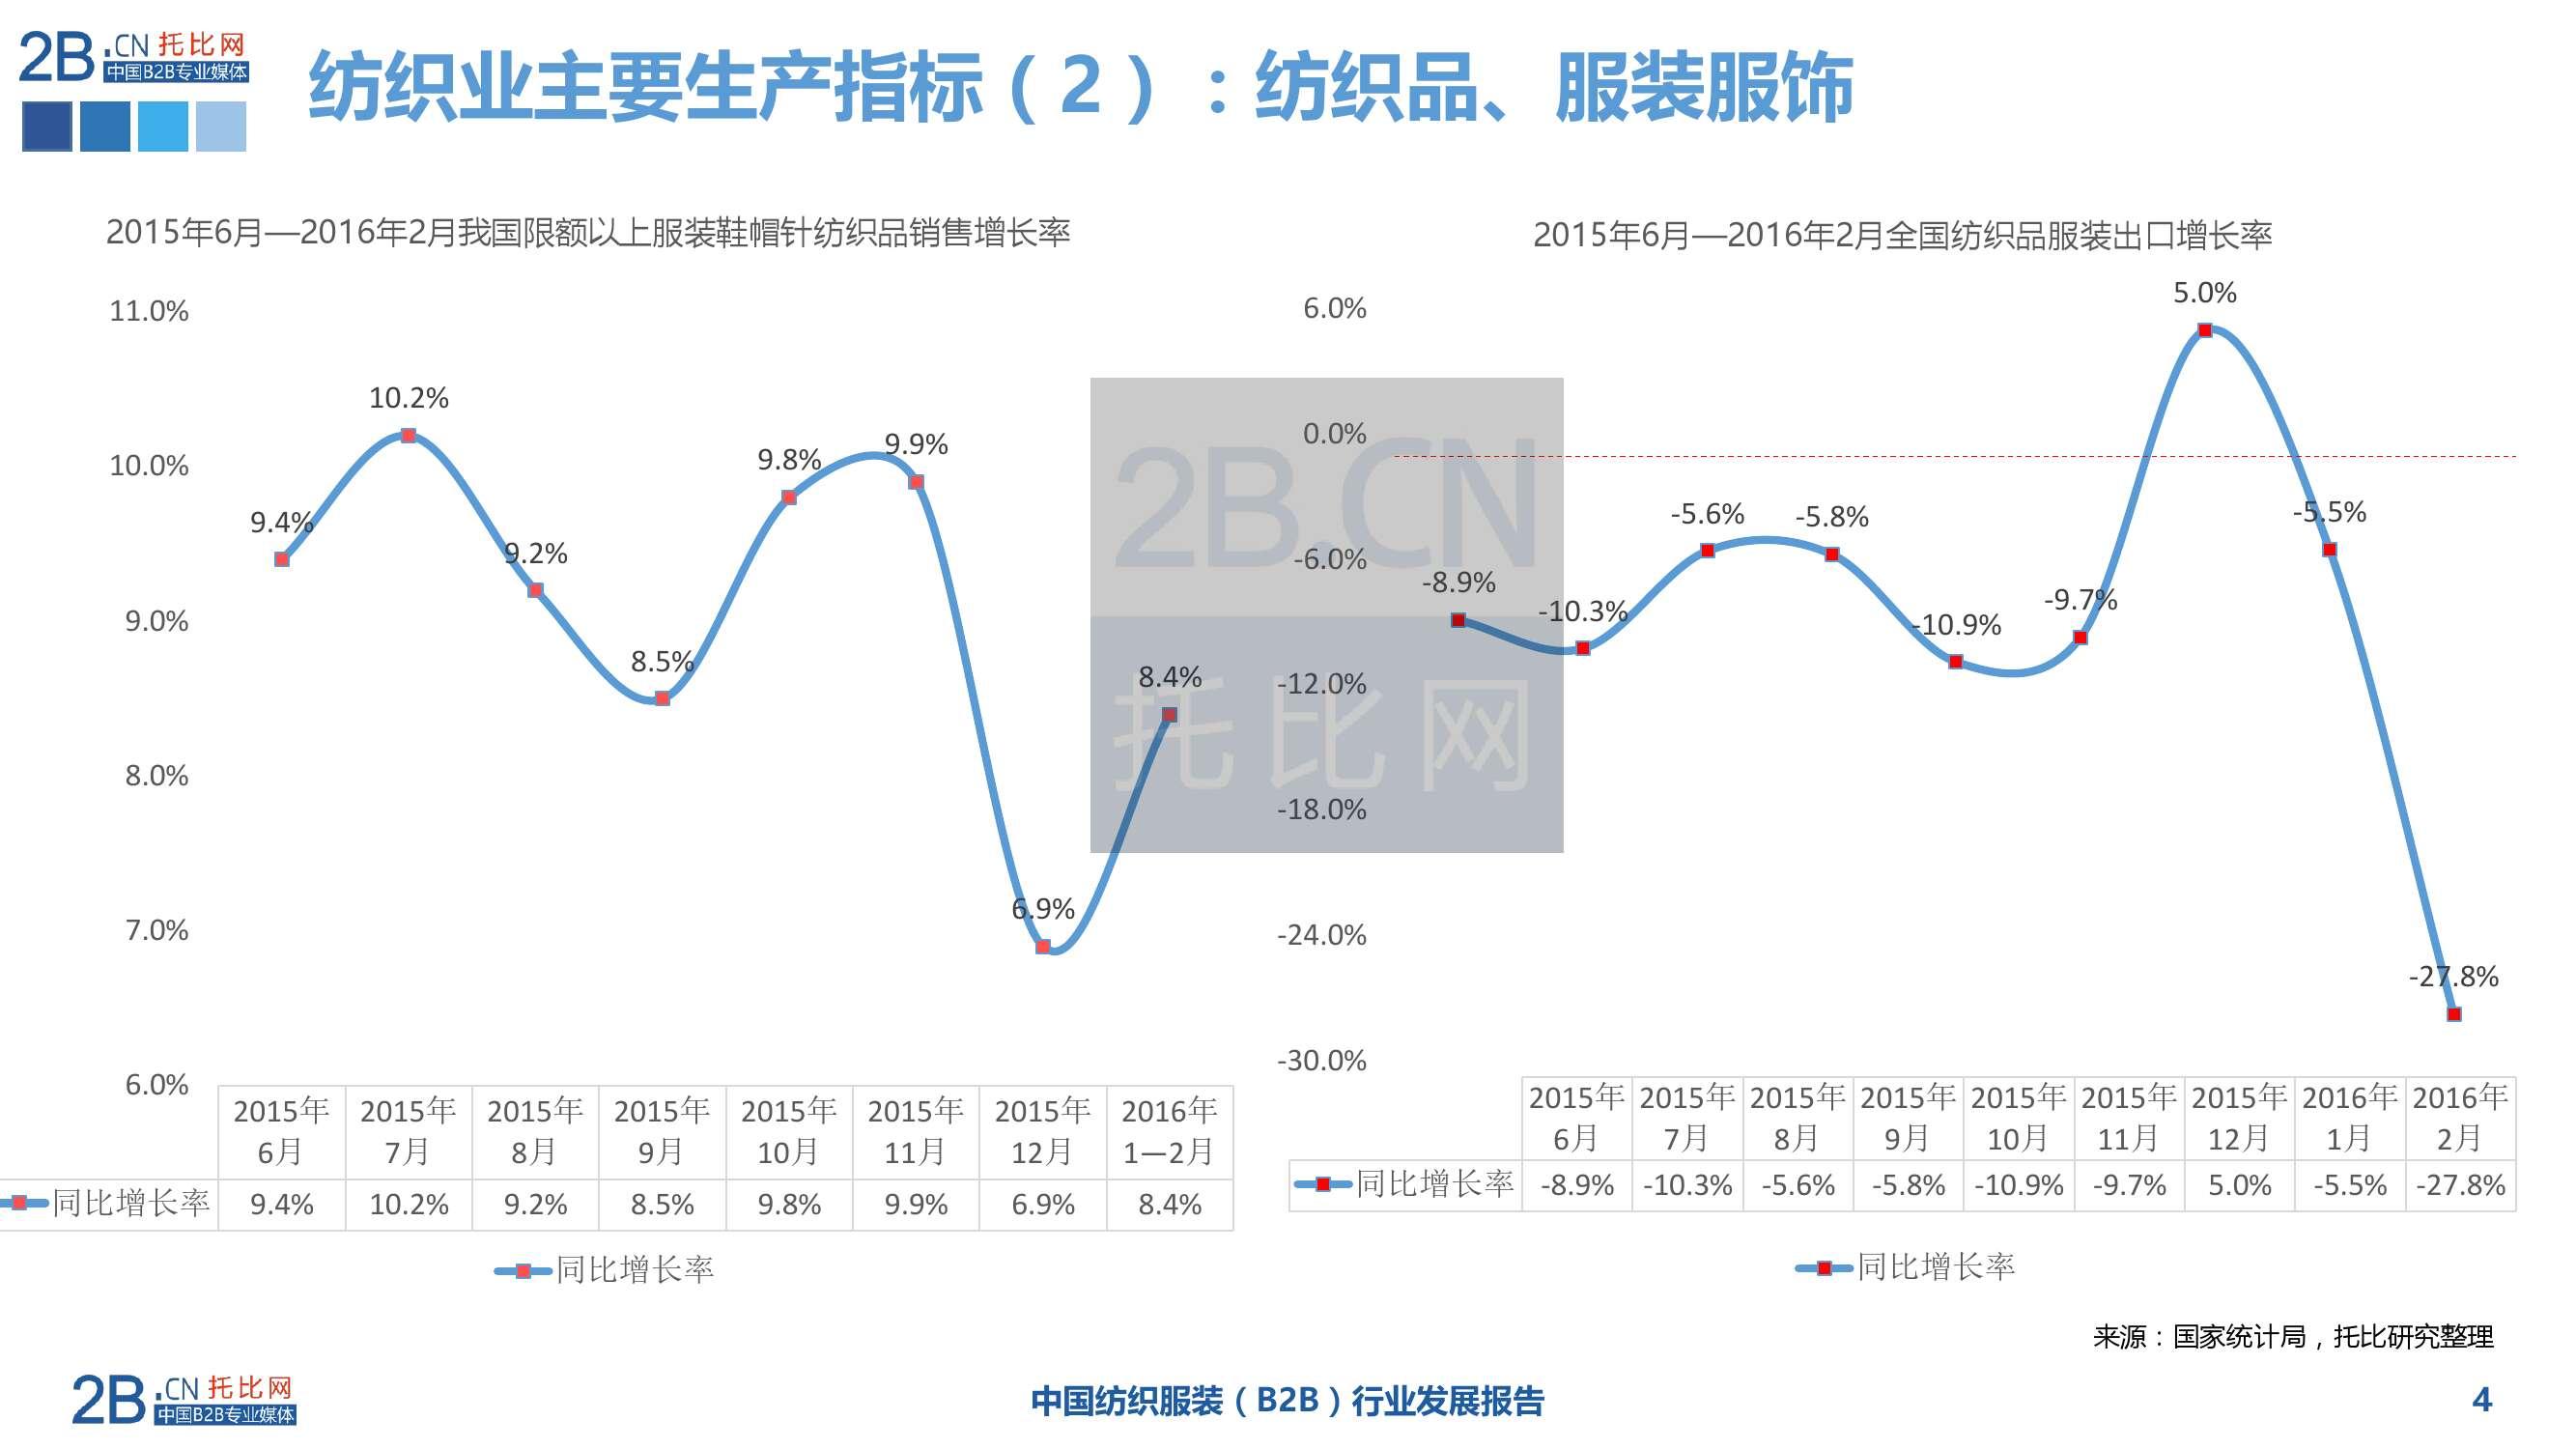 2015年中国纺织服装B2B行业发展报告_000004